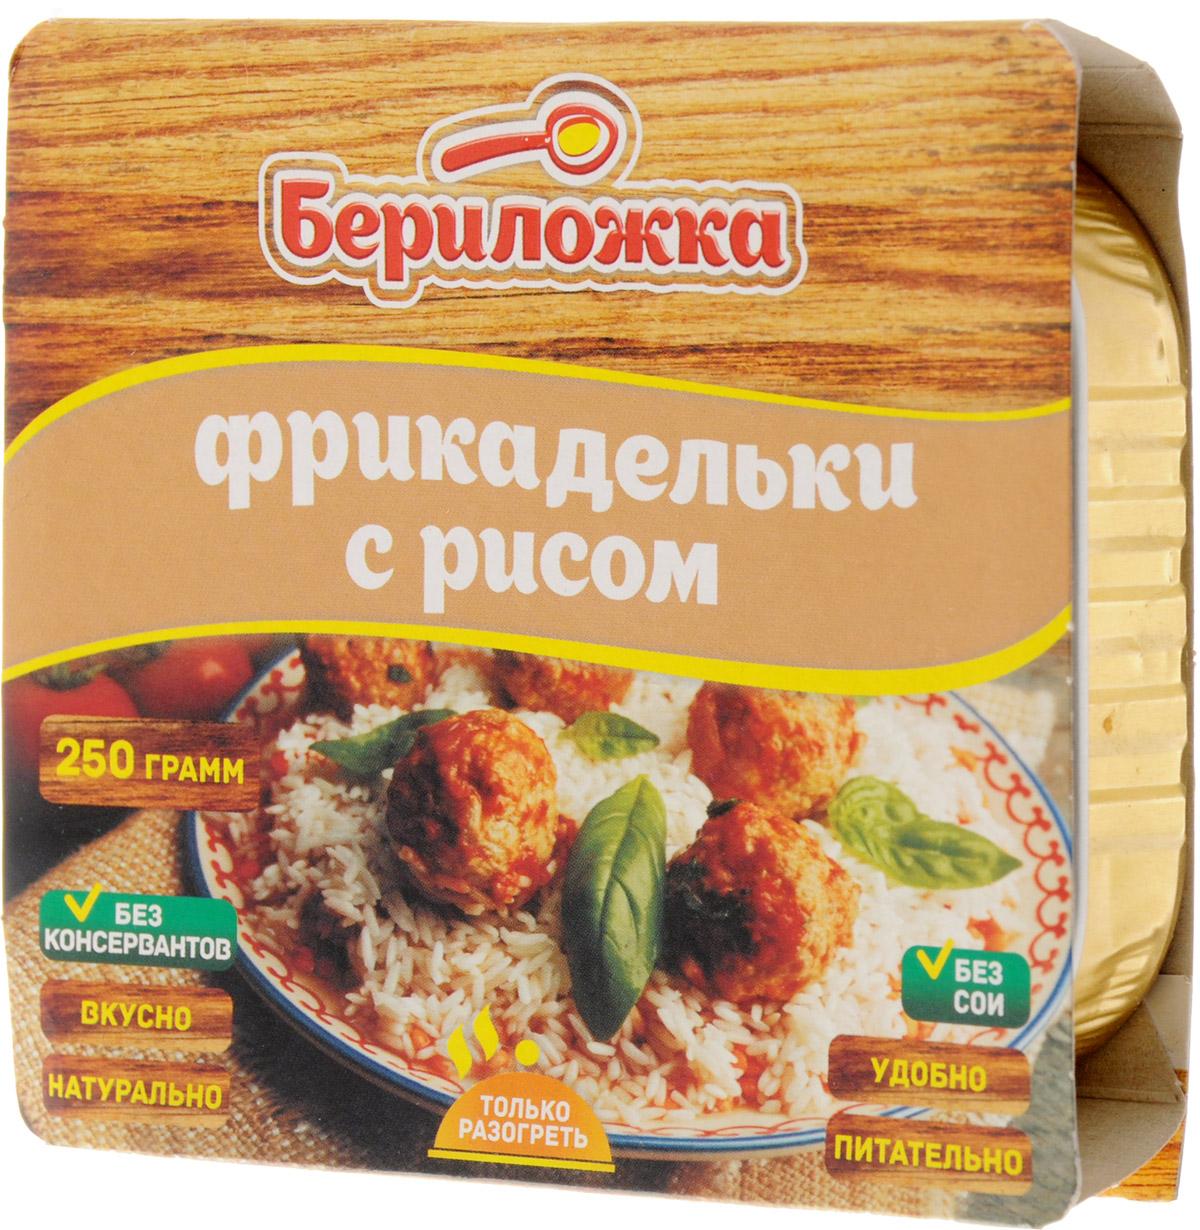 Бериложка фрикадельки с рисом, 250 г5795Фрикадельки с рисом Бериложка - стерилизованные мясорастительные консервы. Вкусно, натурально, удобно и питательно. Без консервантов, без сои. Продукт не содержит ГМО! Уважаемые клиенты! Обращаем ваше внимание, что полный перечень состава продукта представлен на дополнительном изображении.